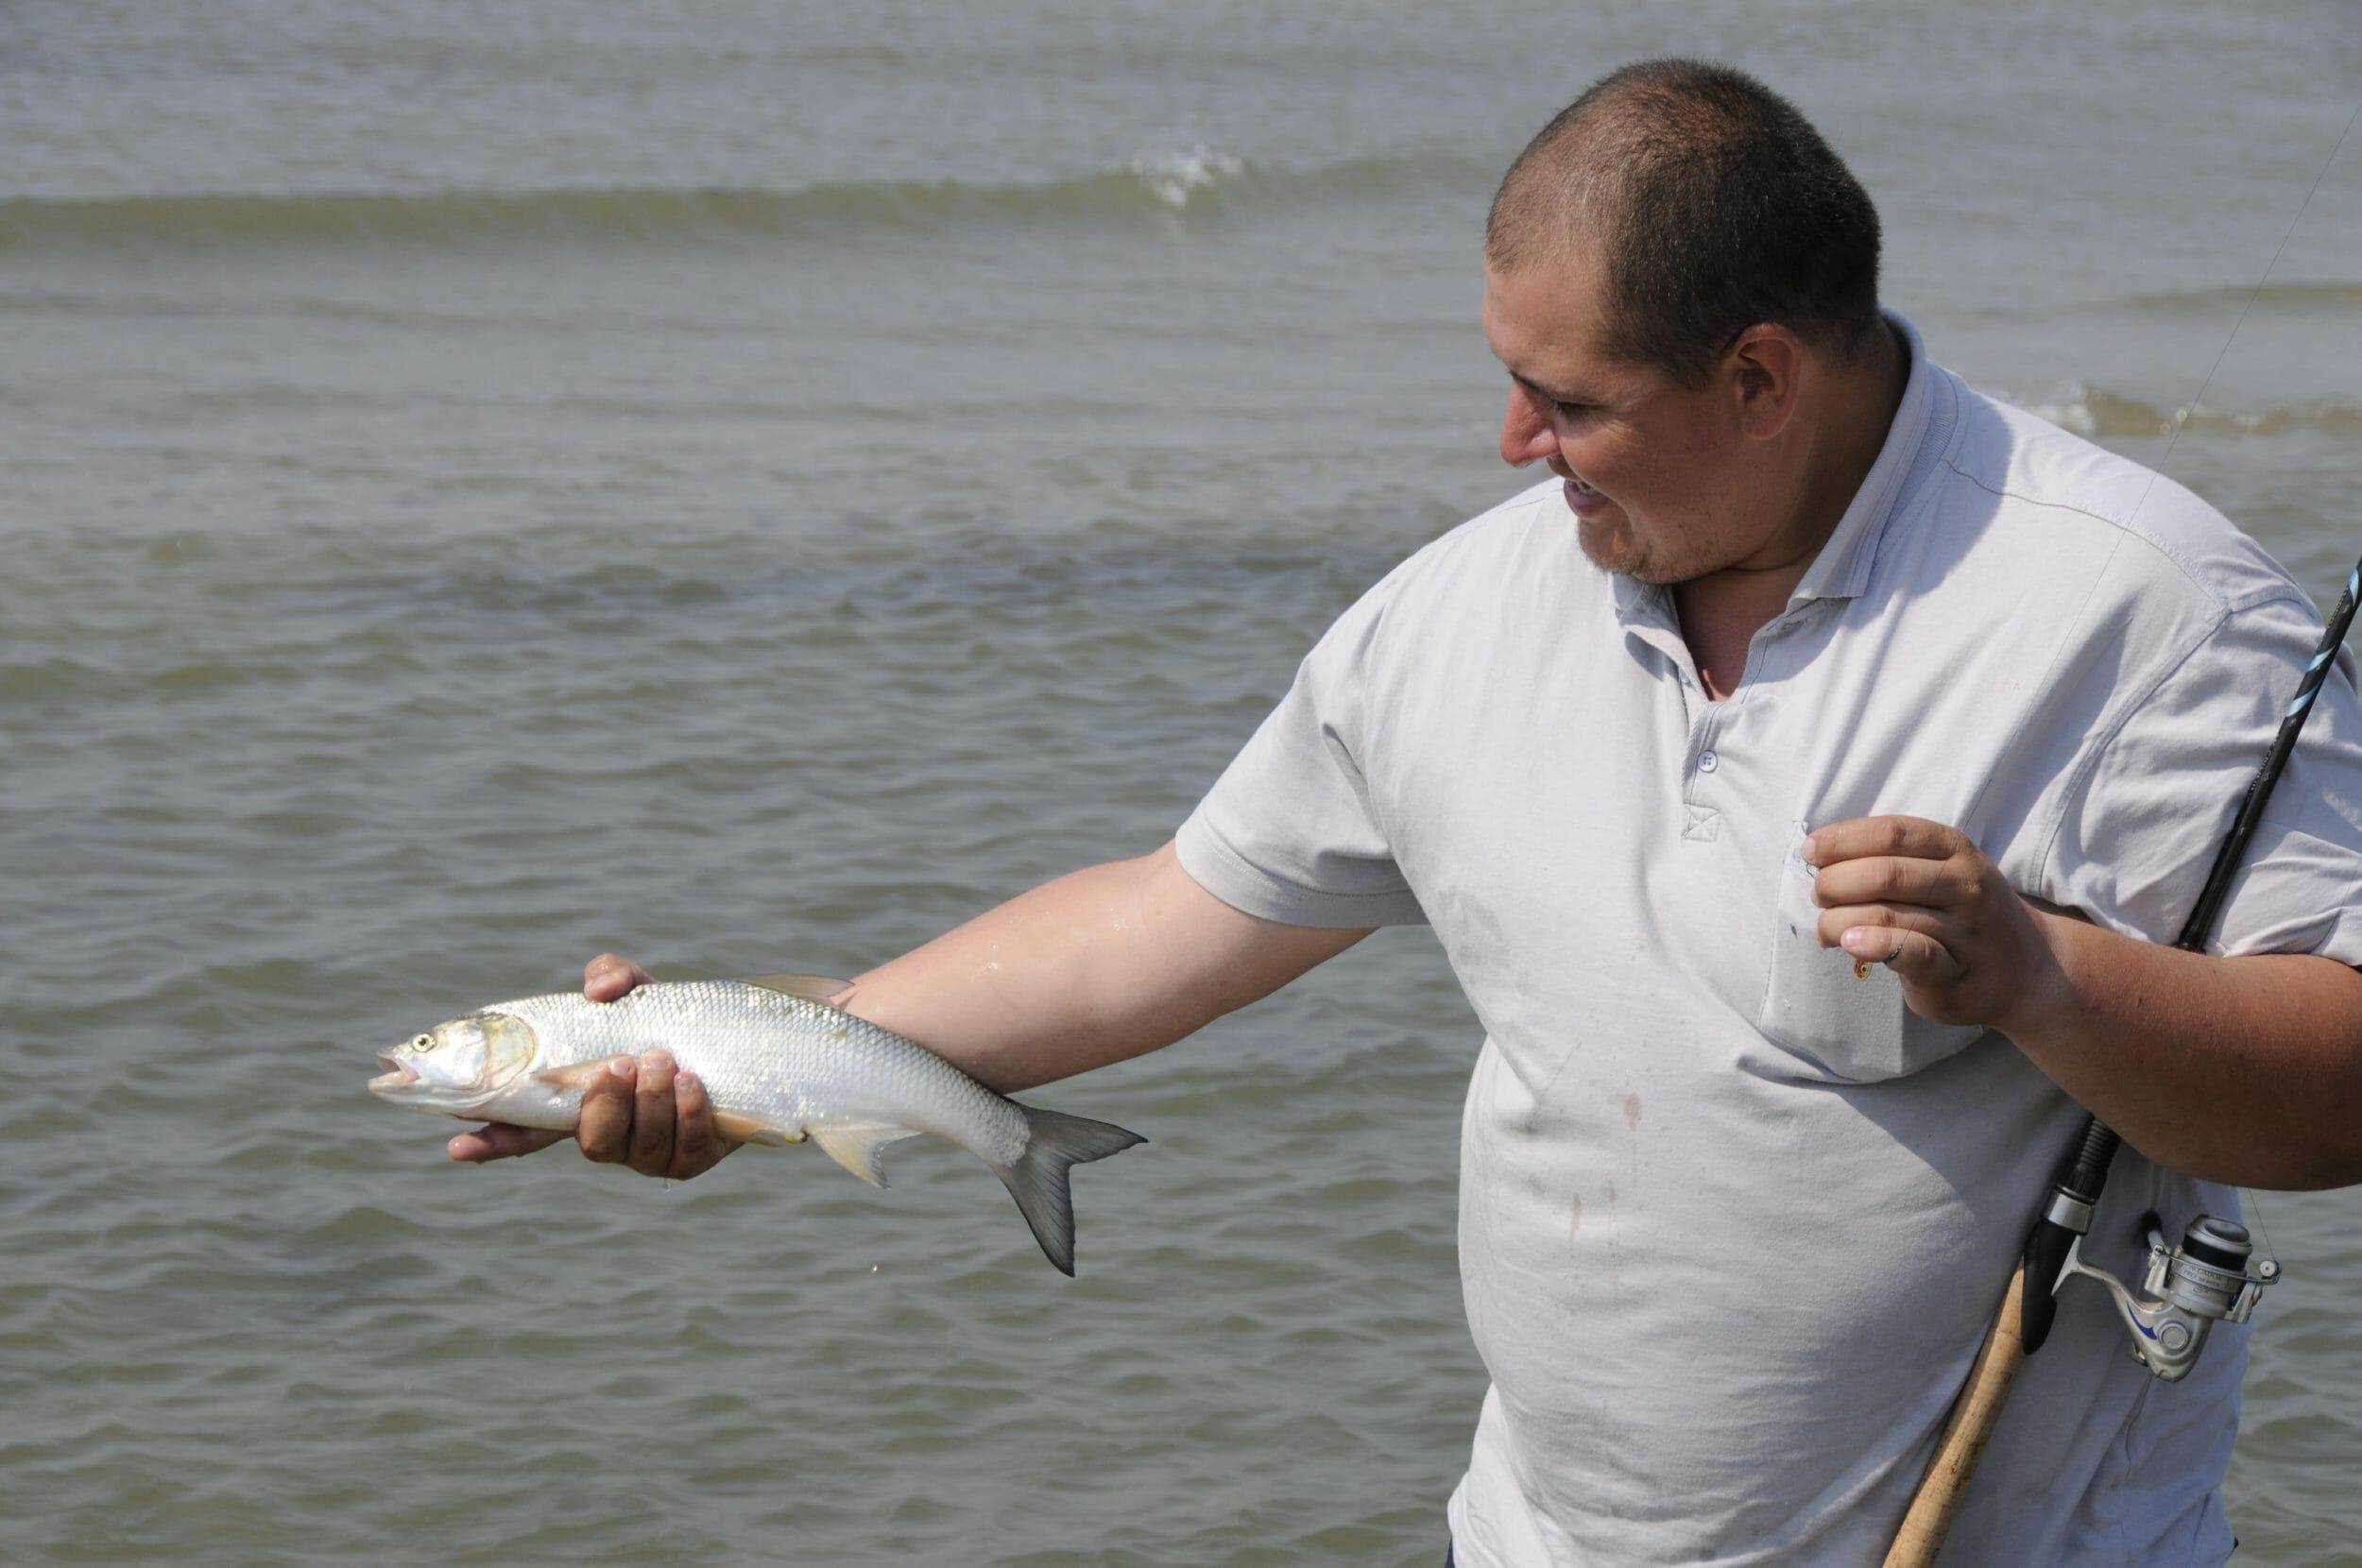 Pescuit la avat: 4 Super Pescari de răpitori si recomandarile lor de năluci pentru avat! 6